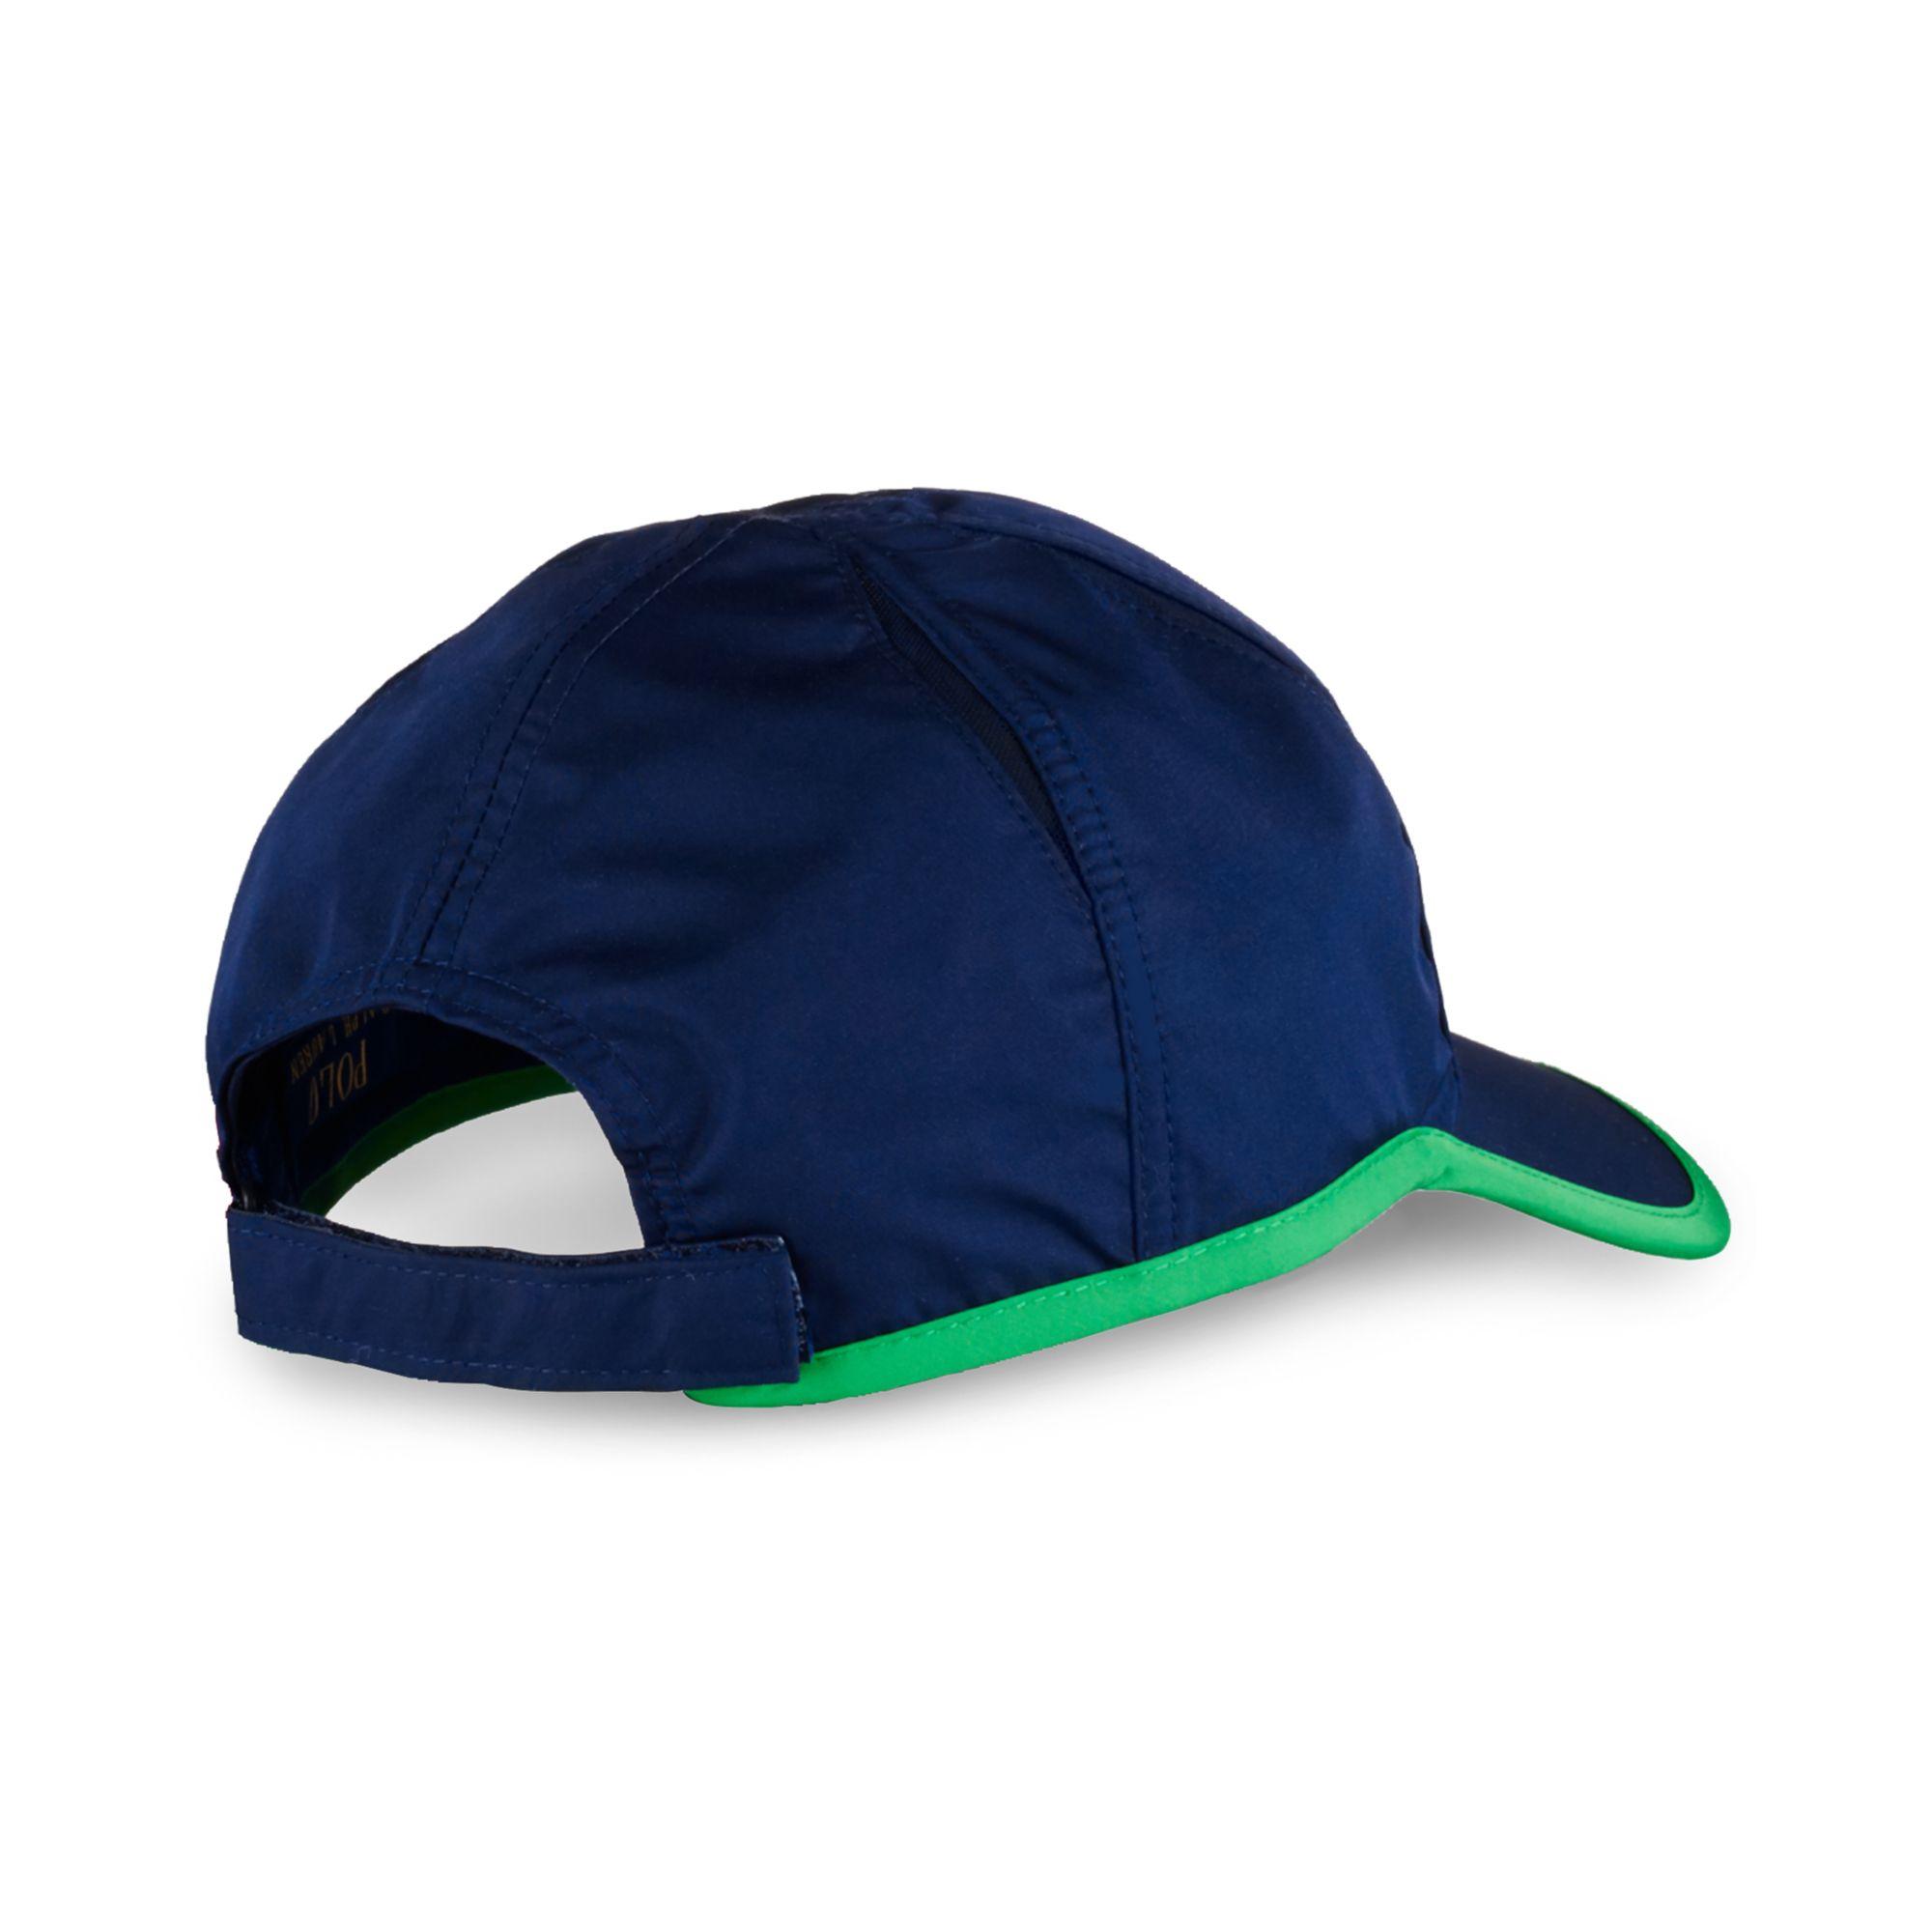 352063b0b59 Lyst - Polo Ralph Lauren Polo Us Open Hat in Blue